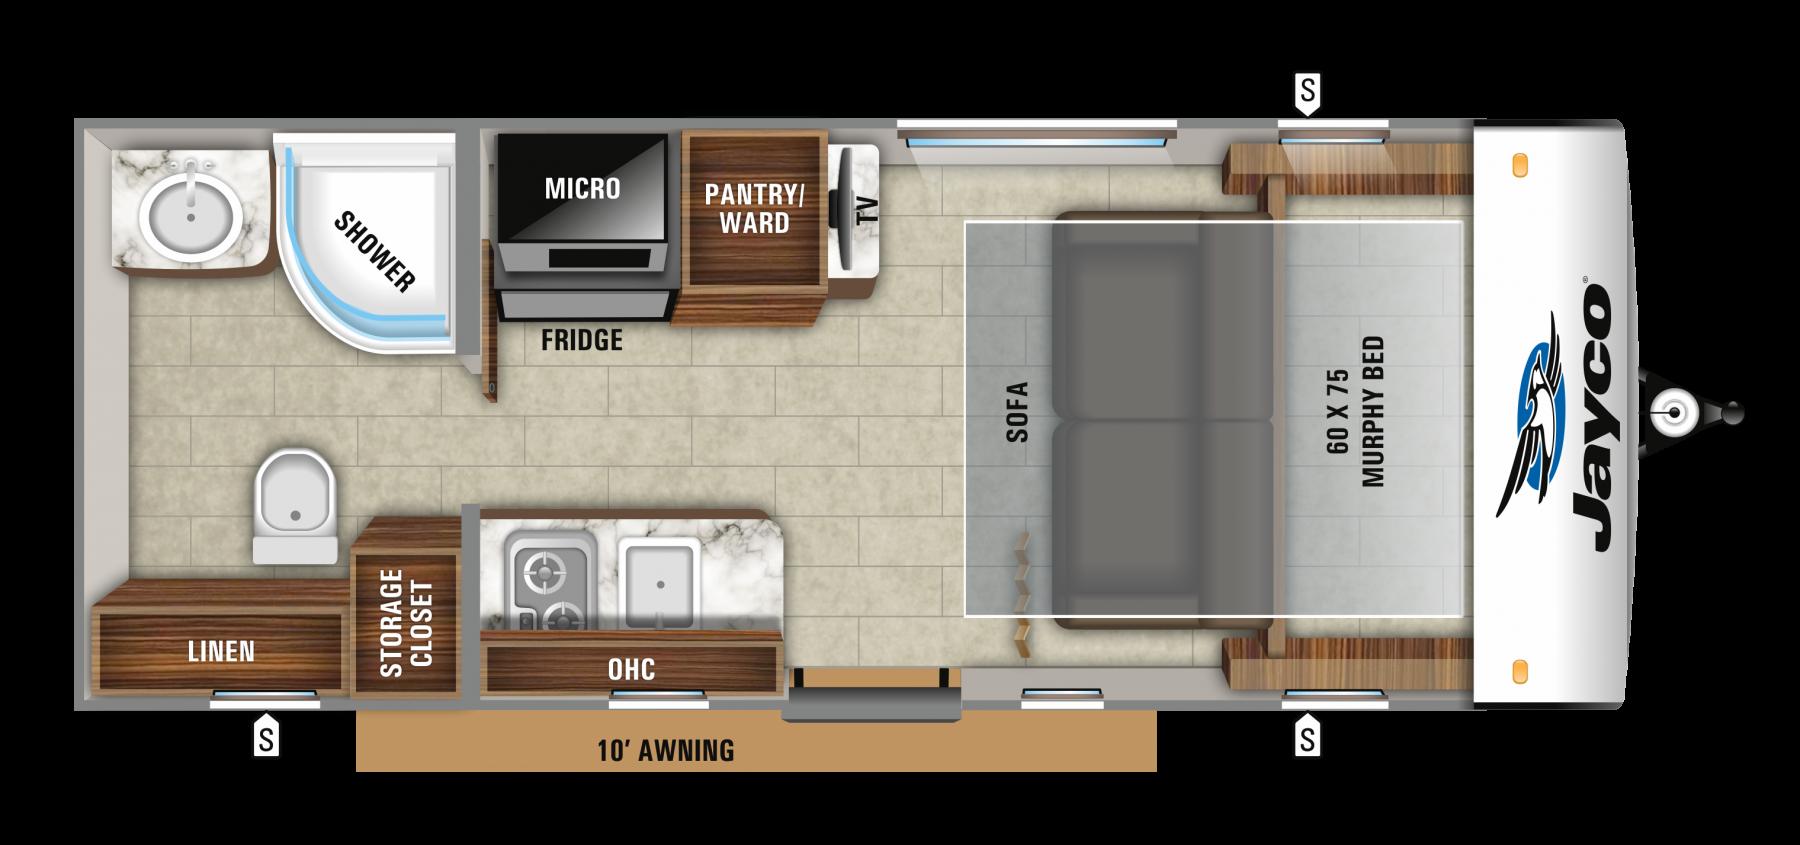 2019 Jayco Hummingbird Floor Plans Rv Spotlight Travel Trailer Floor Plans Small Travel Trailers Jayco